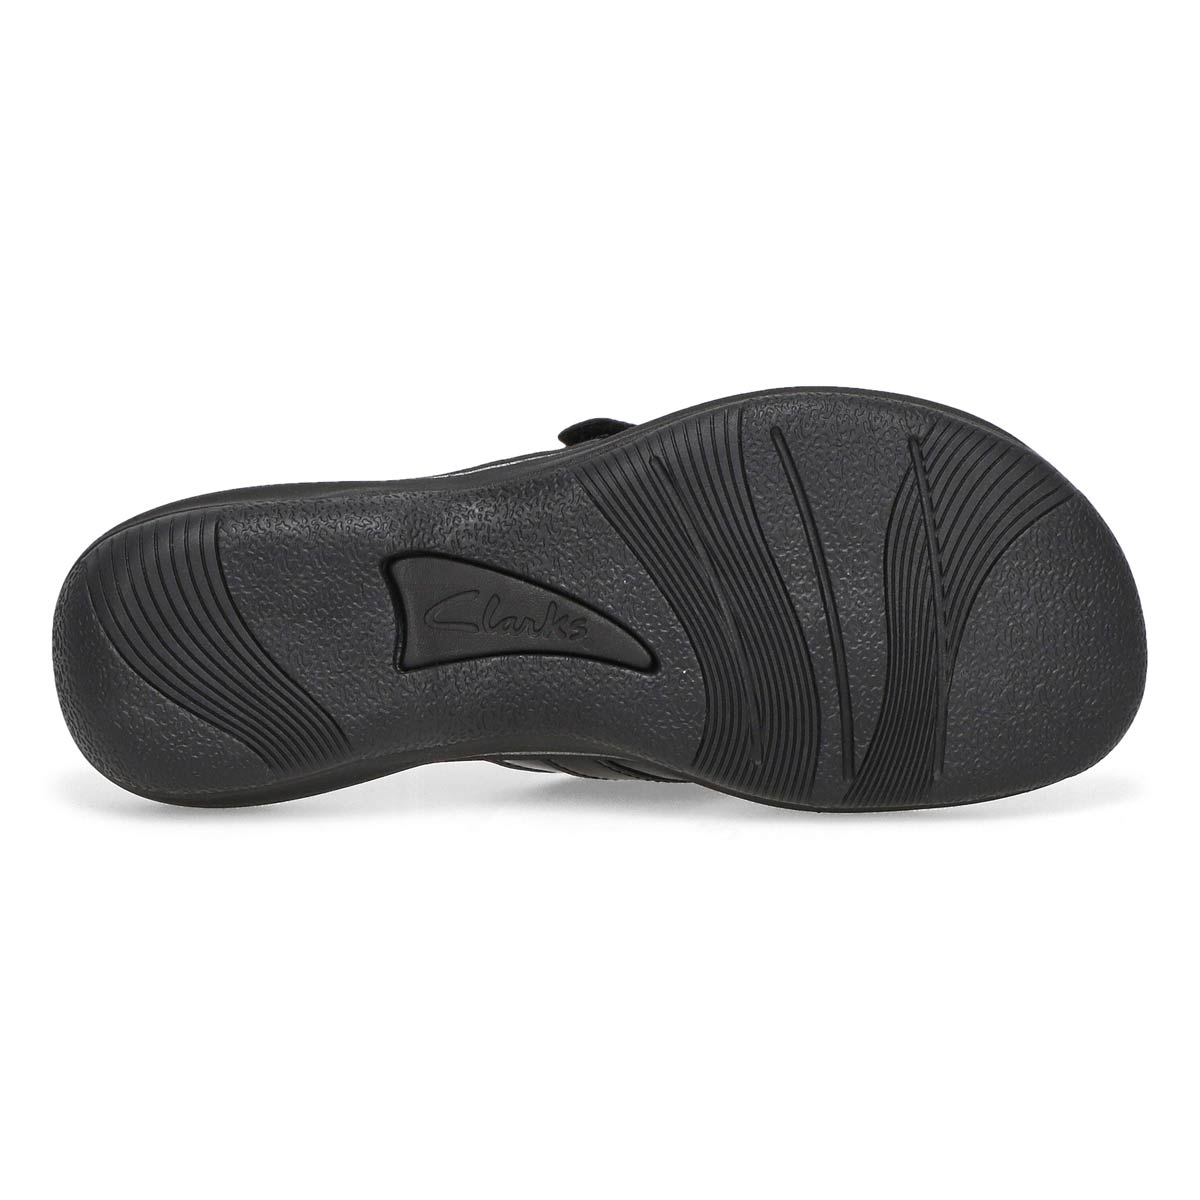 Women's Breeze Sea Thong Sandal - Black Pat